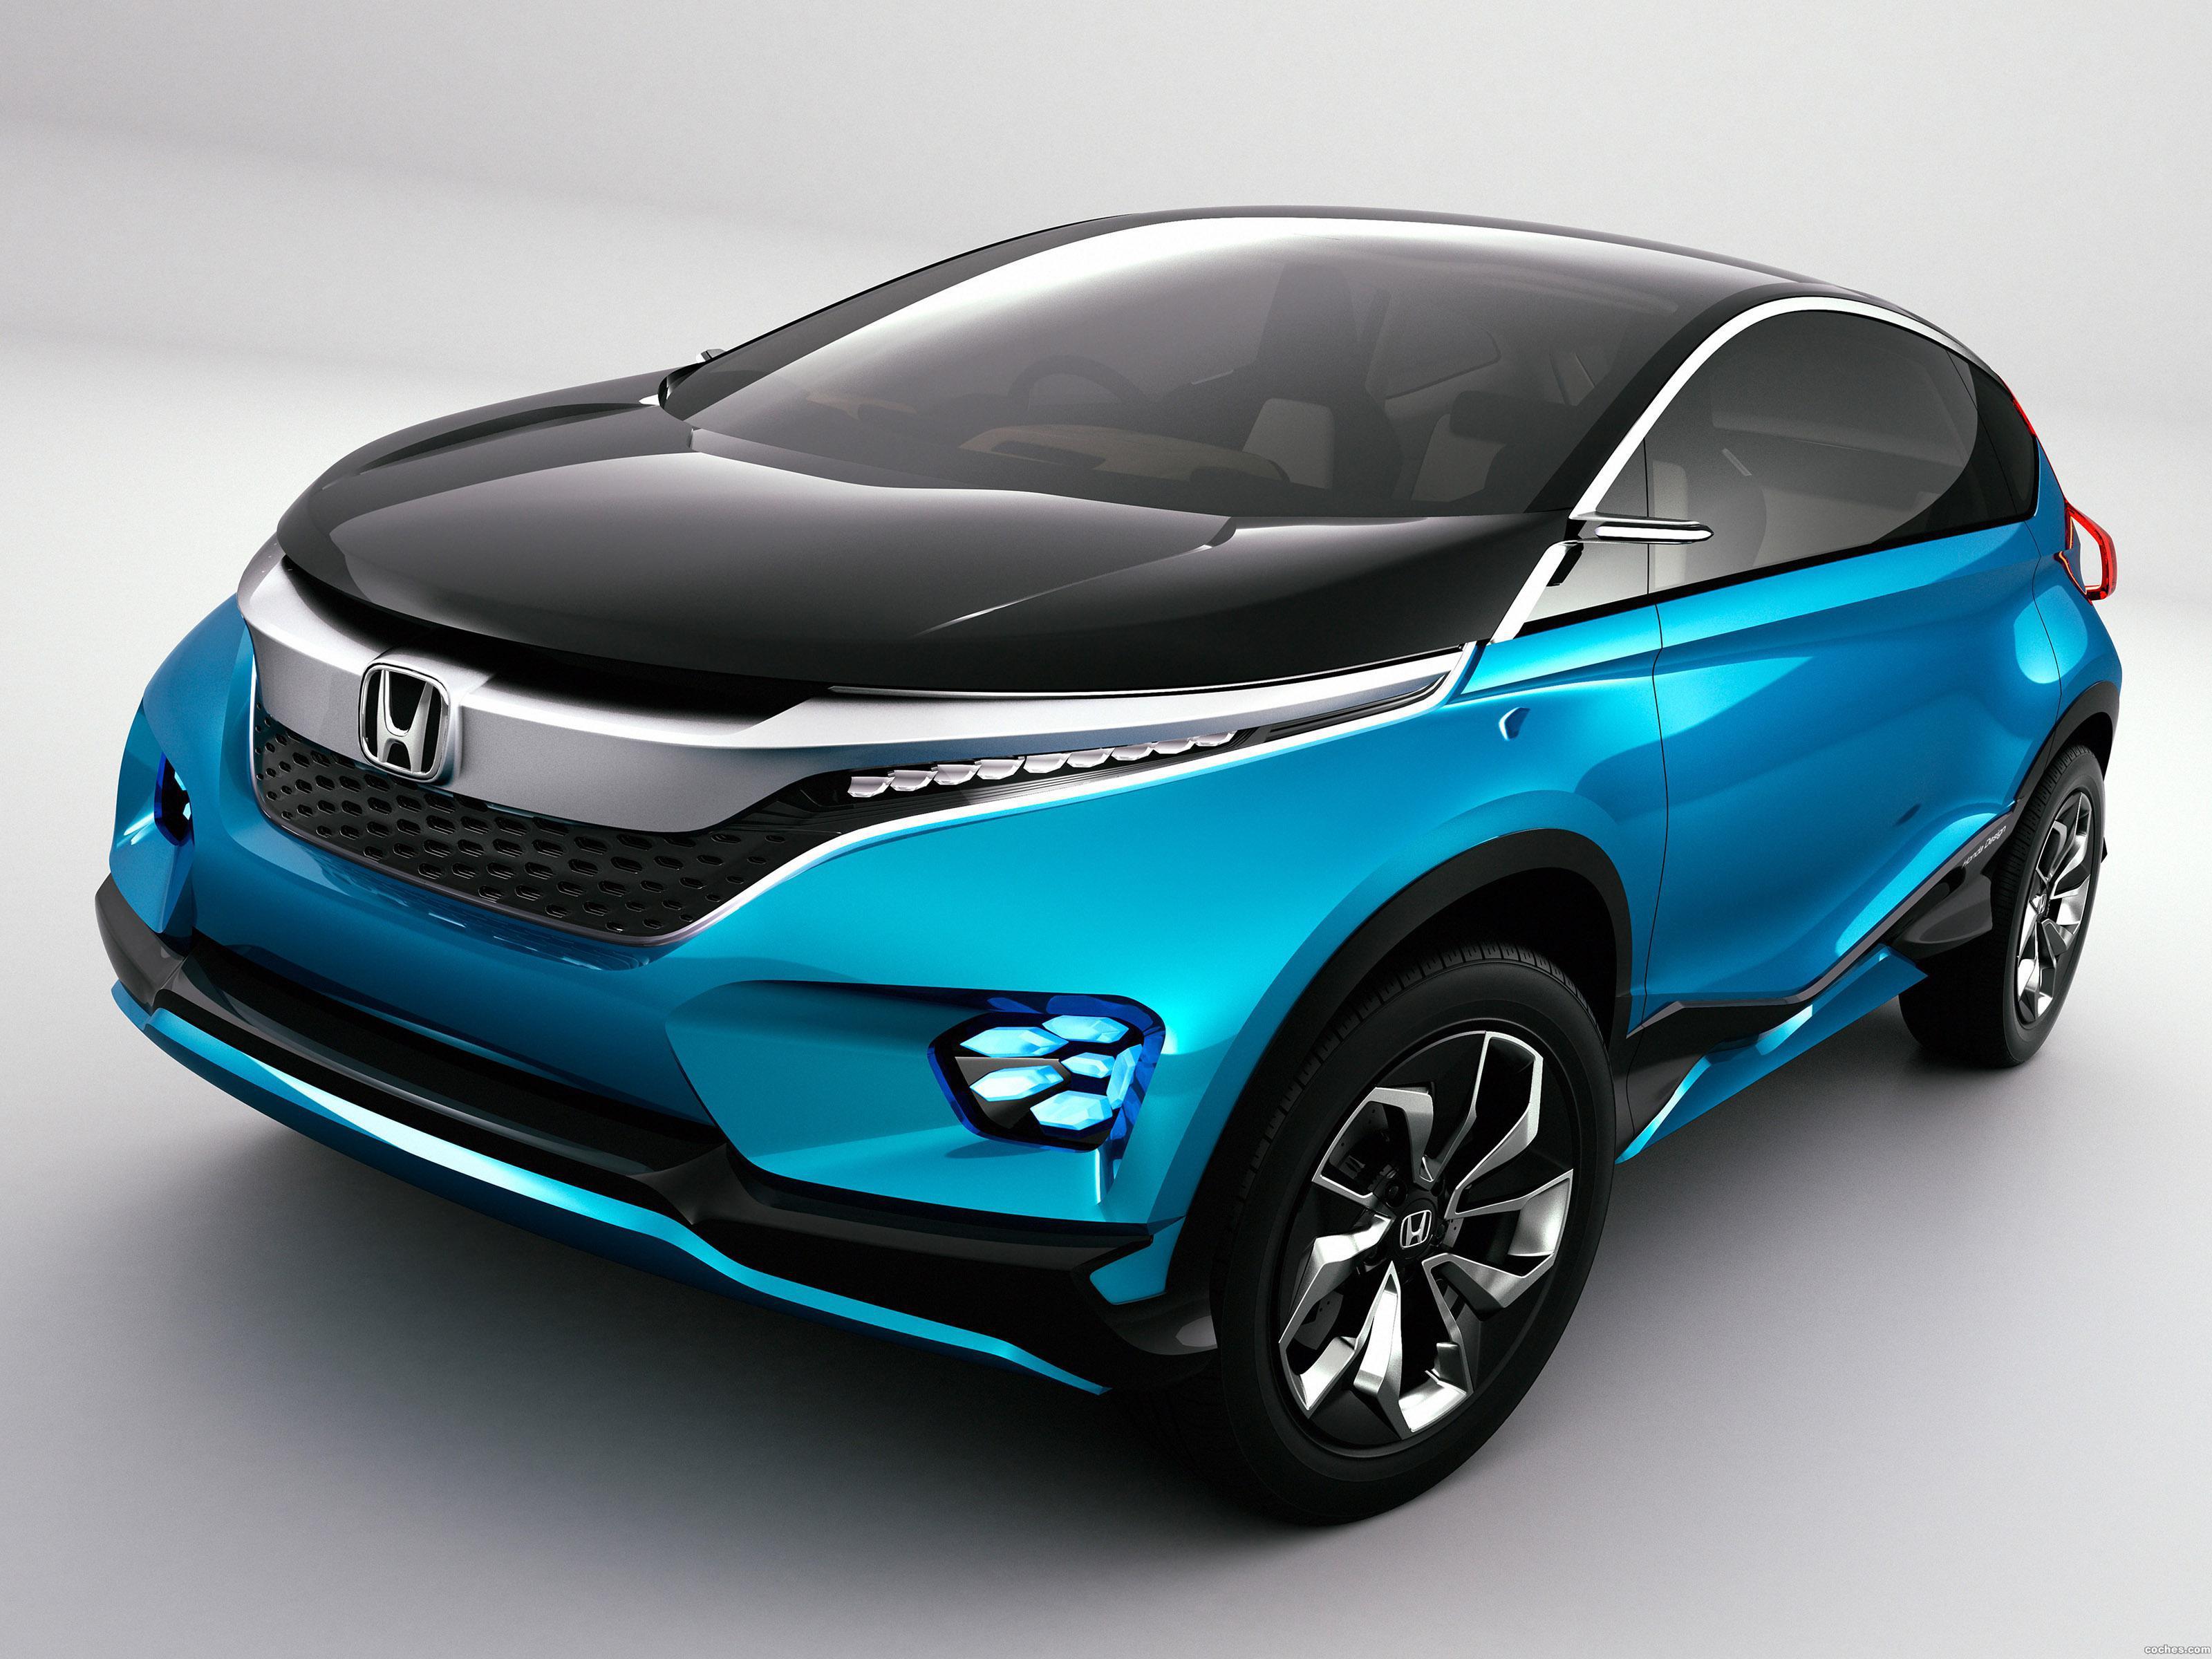 Foto 0 de Honda Vision XS-1 Concept 2014